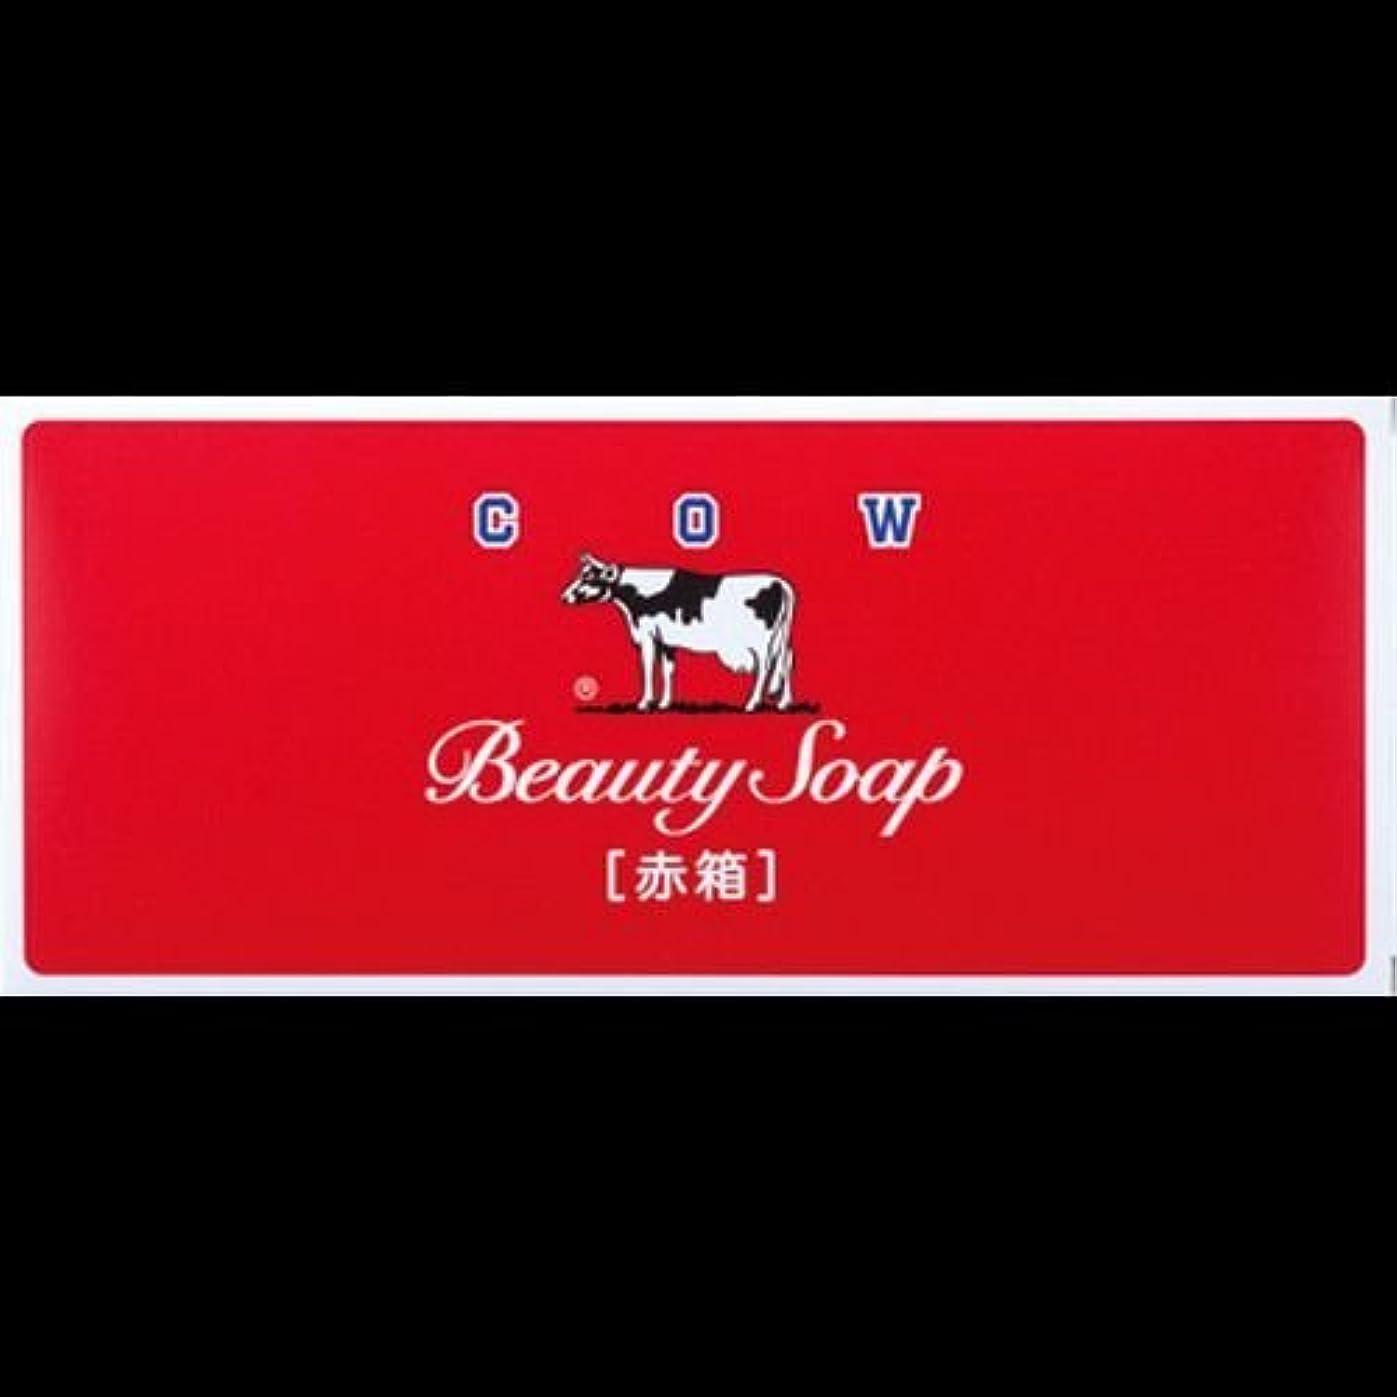 通常有害なバンカー【まとめ買い】カウブランド石鹸 赤箱100g*6個 ×2セット